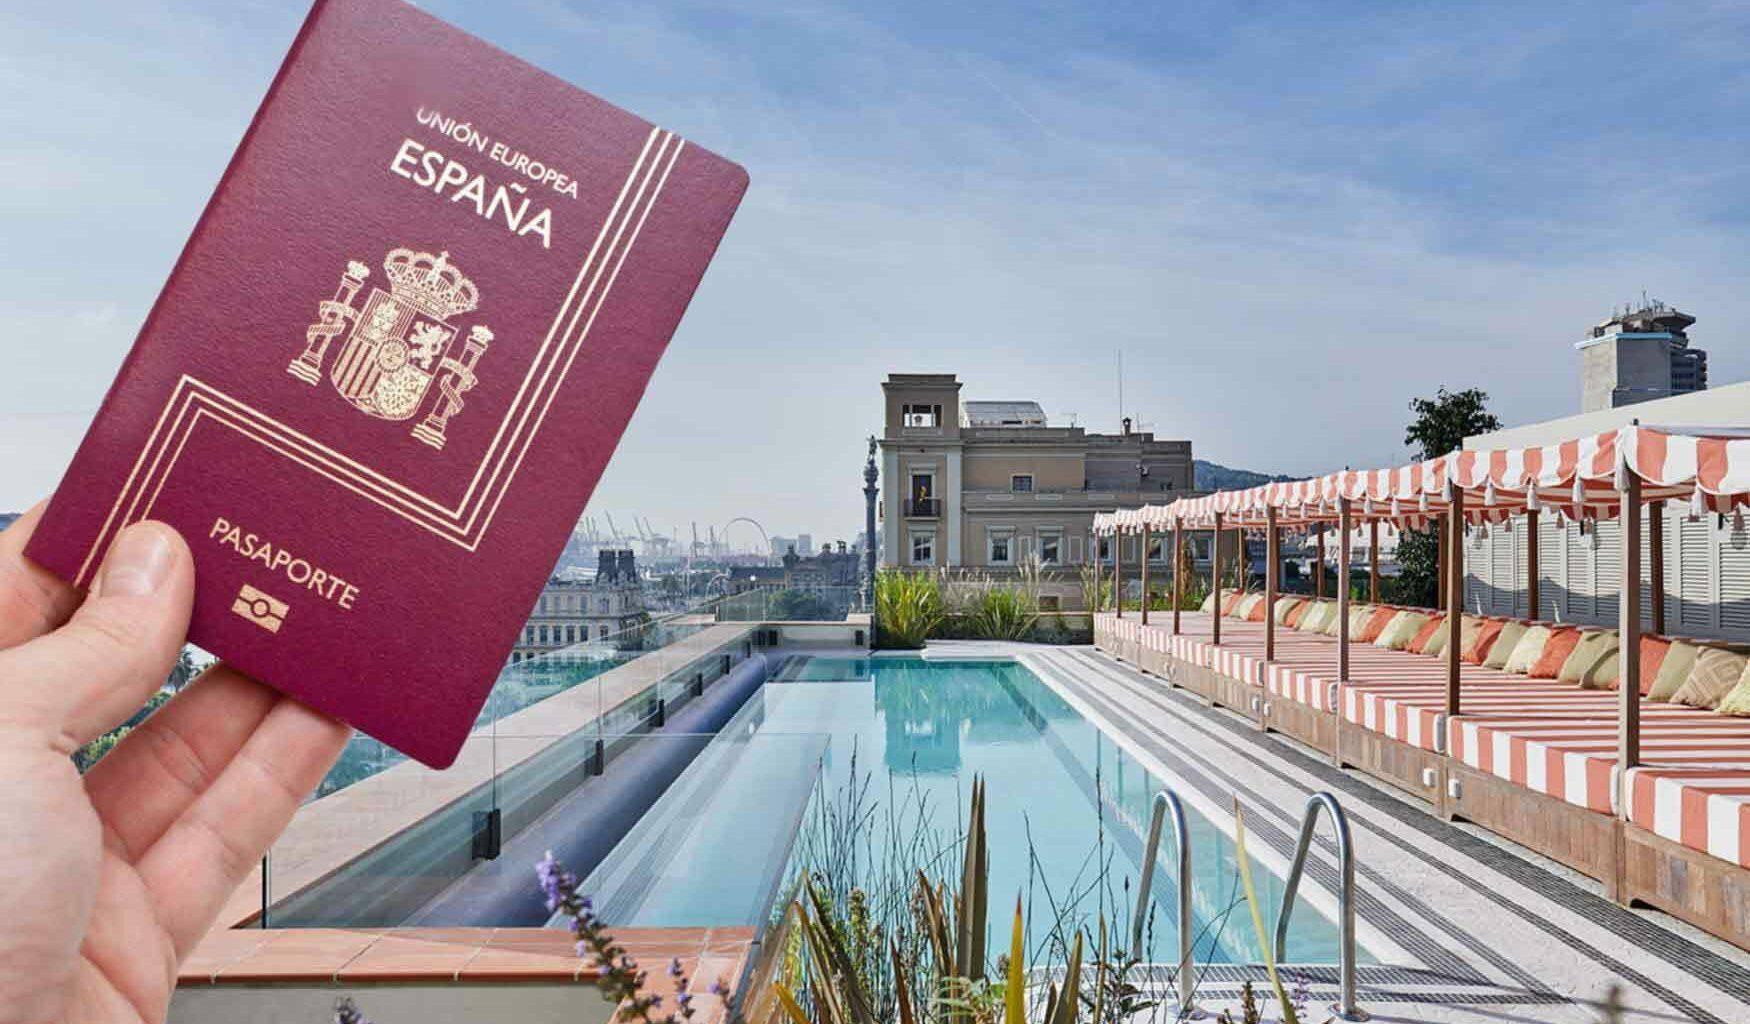 Получение гражданства китая в 2021 году — все о визах и эмиграции